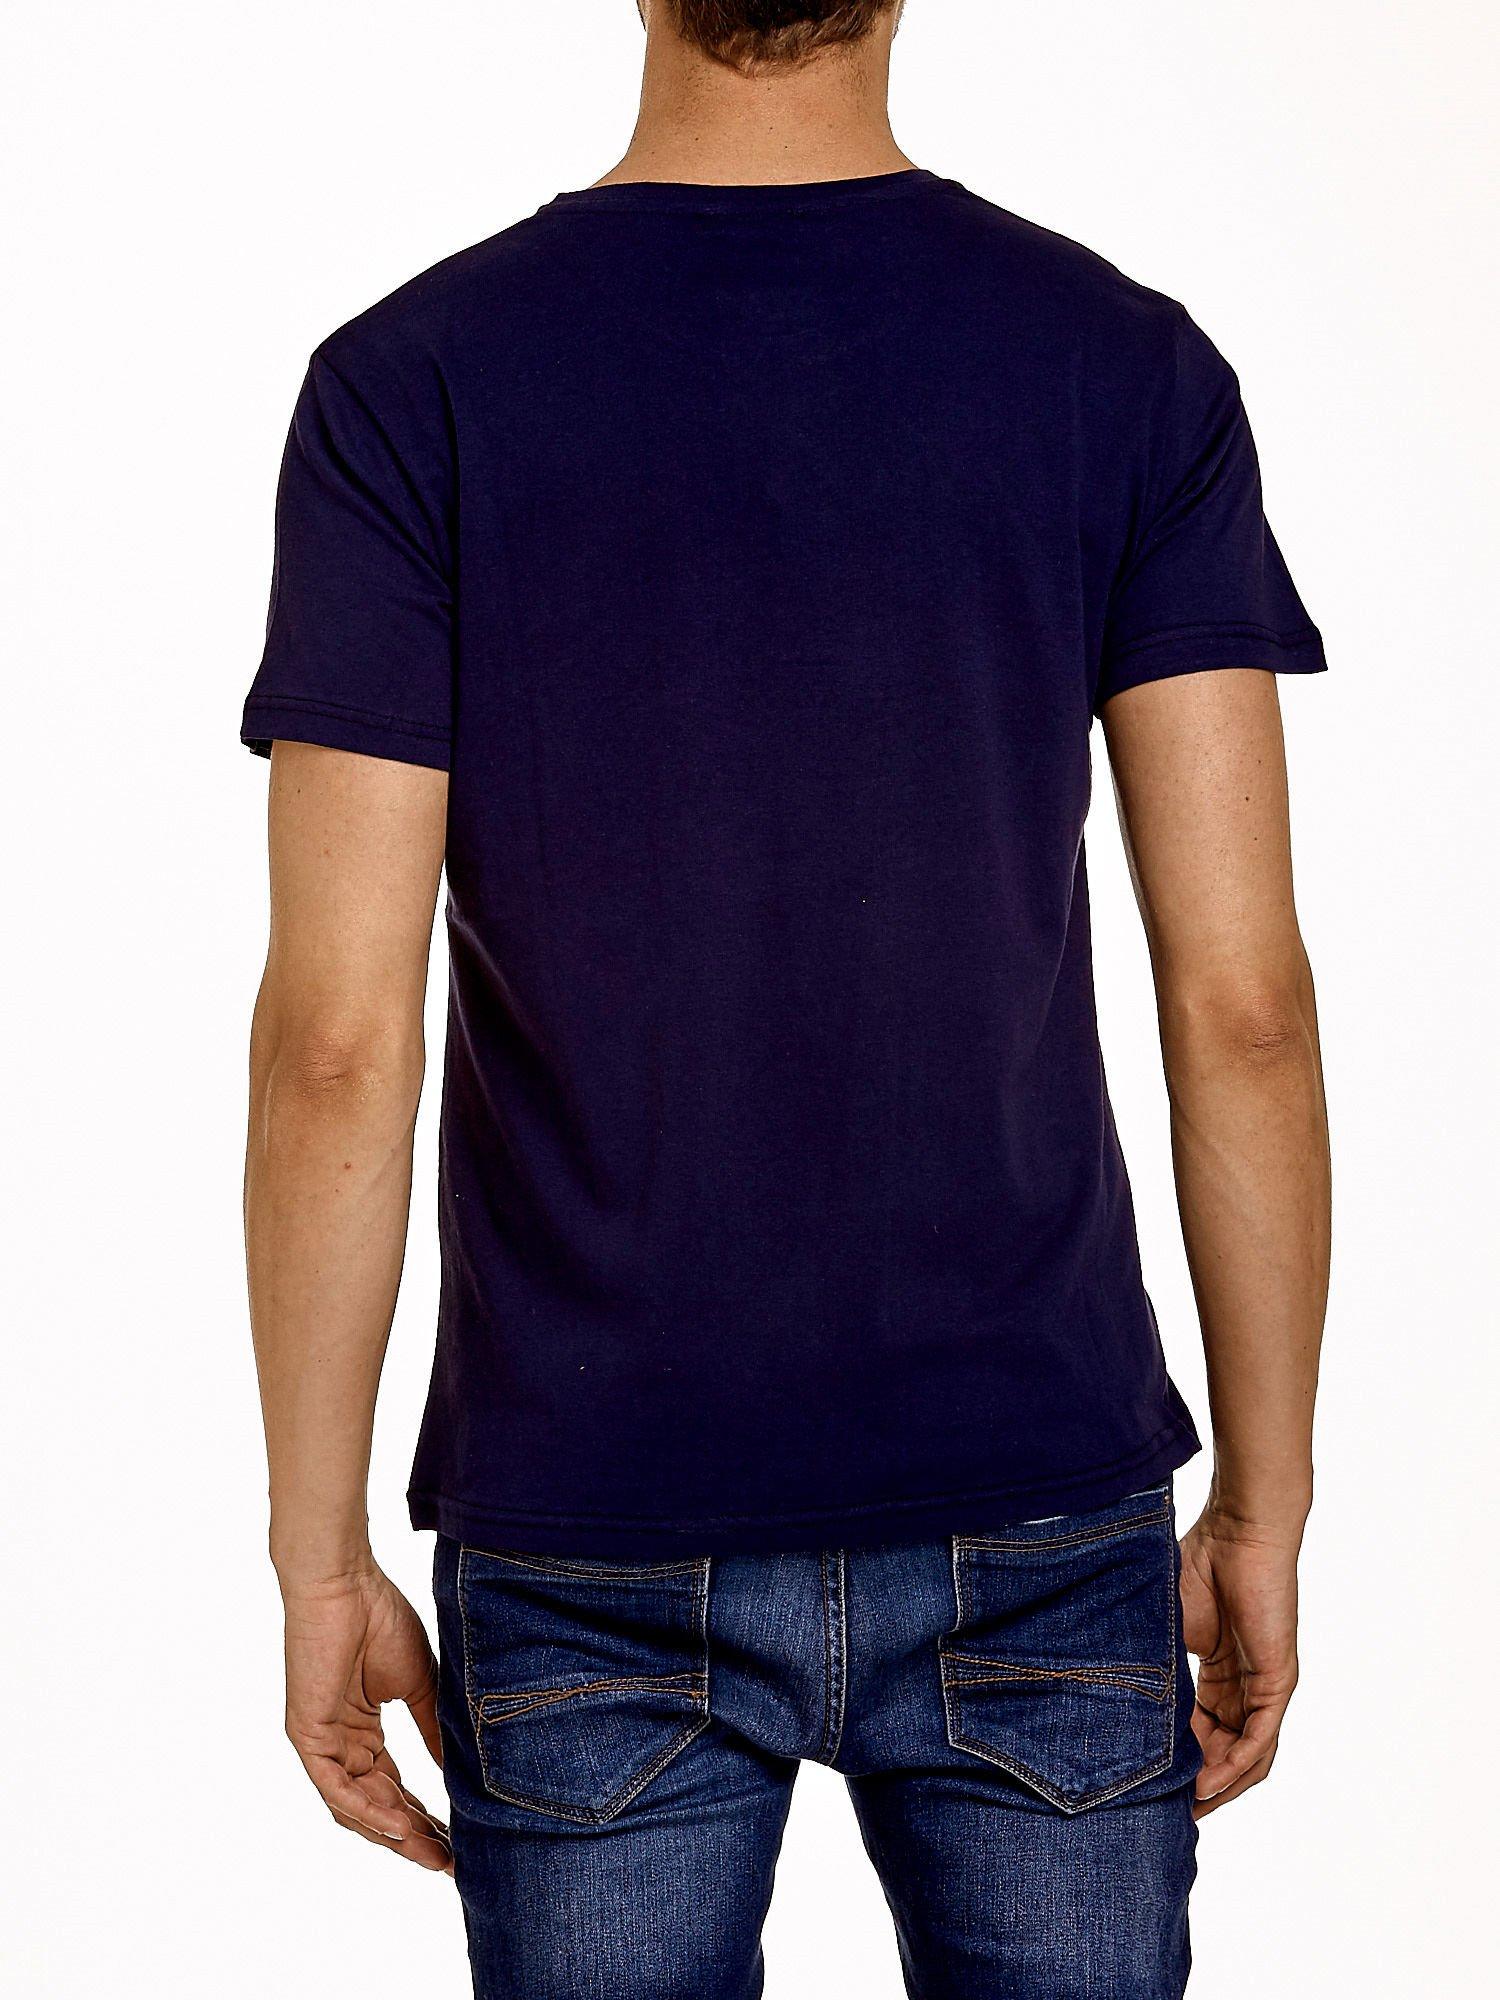 Granatowy t-shirt męski z napisami i kotwicą                                  zdj.                                  2